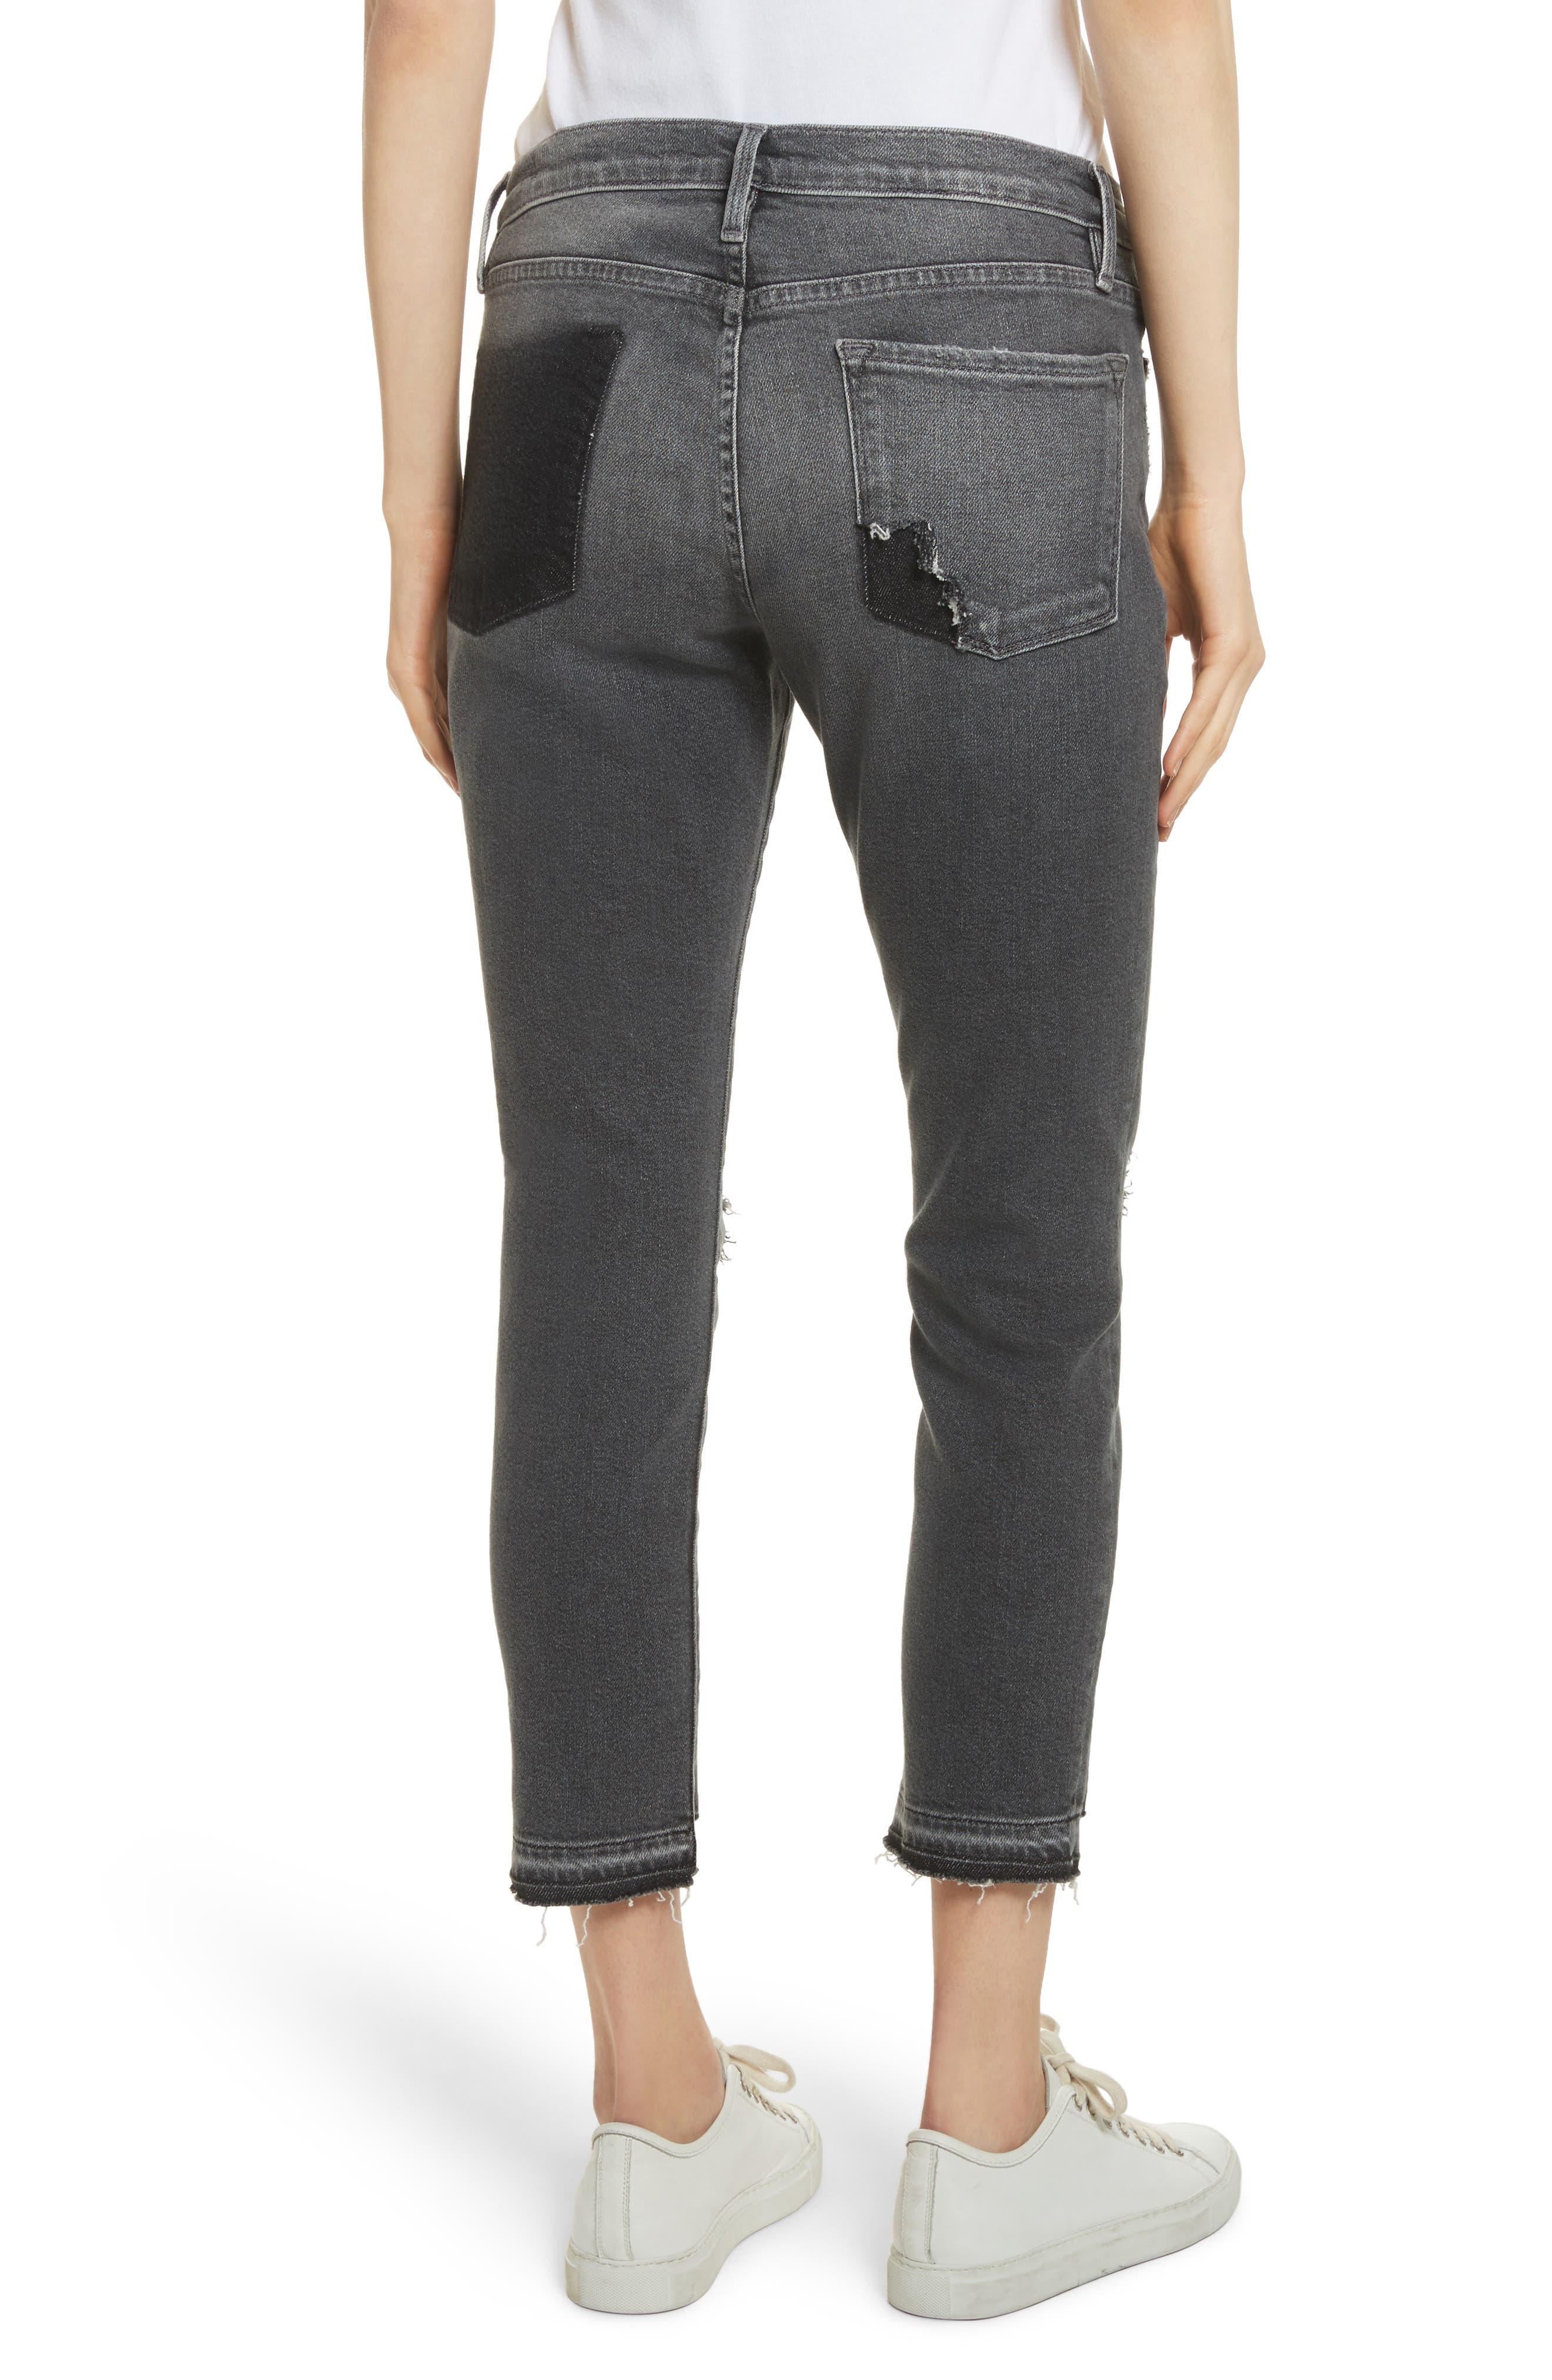 Alternate Image 3  - FRAME Le Garçon Ripped Released Hem Slim Jeans (Stockcross)